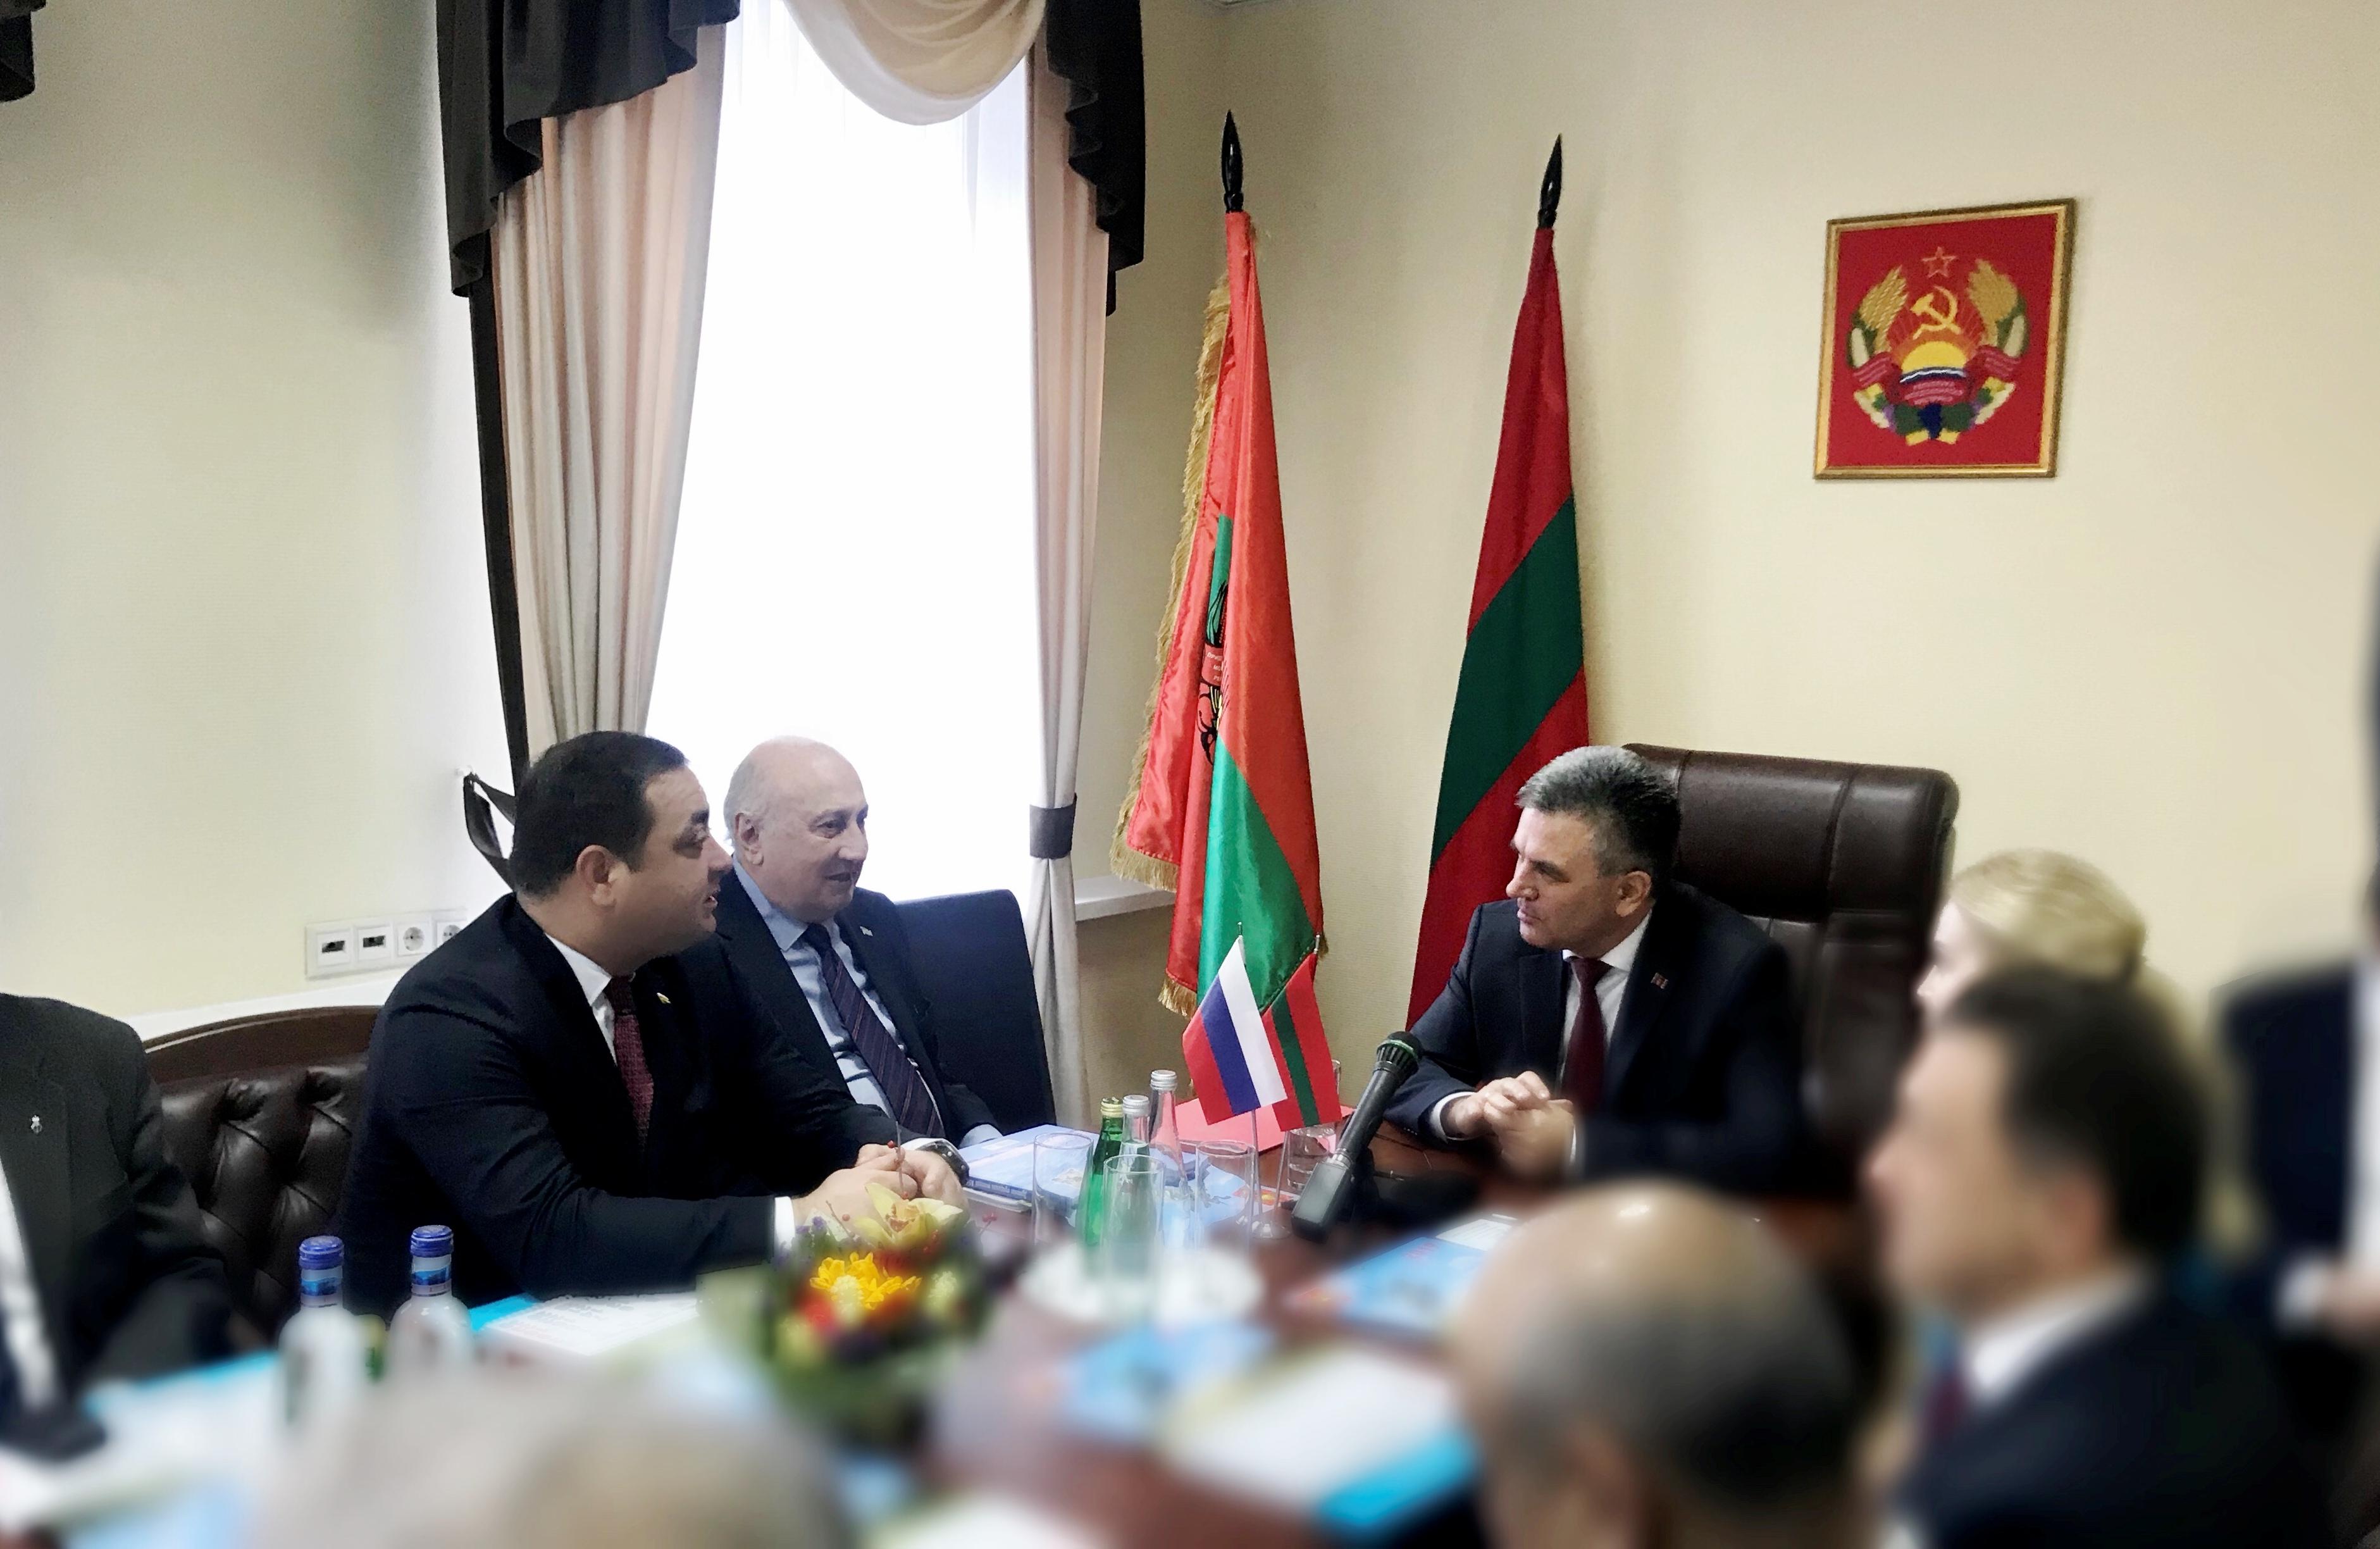 В Москве открылось Представительство Приднестровья